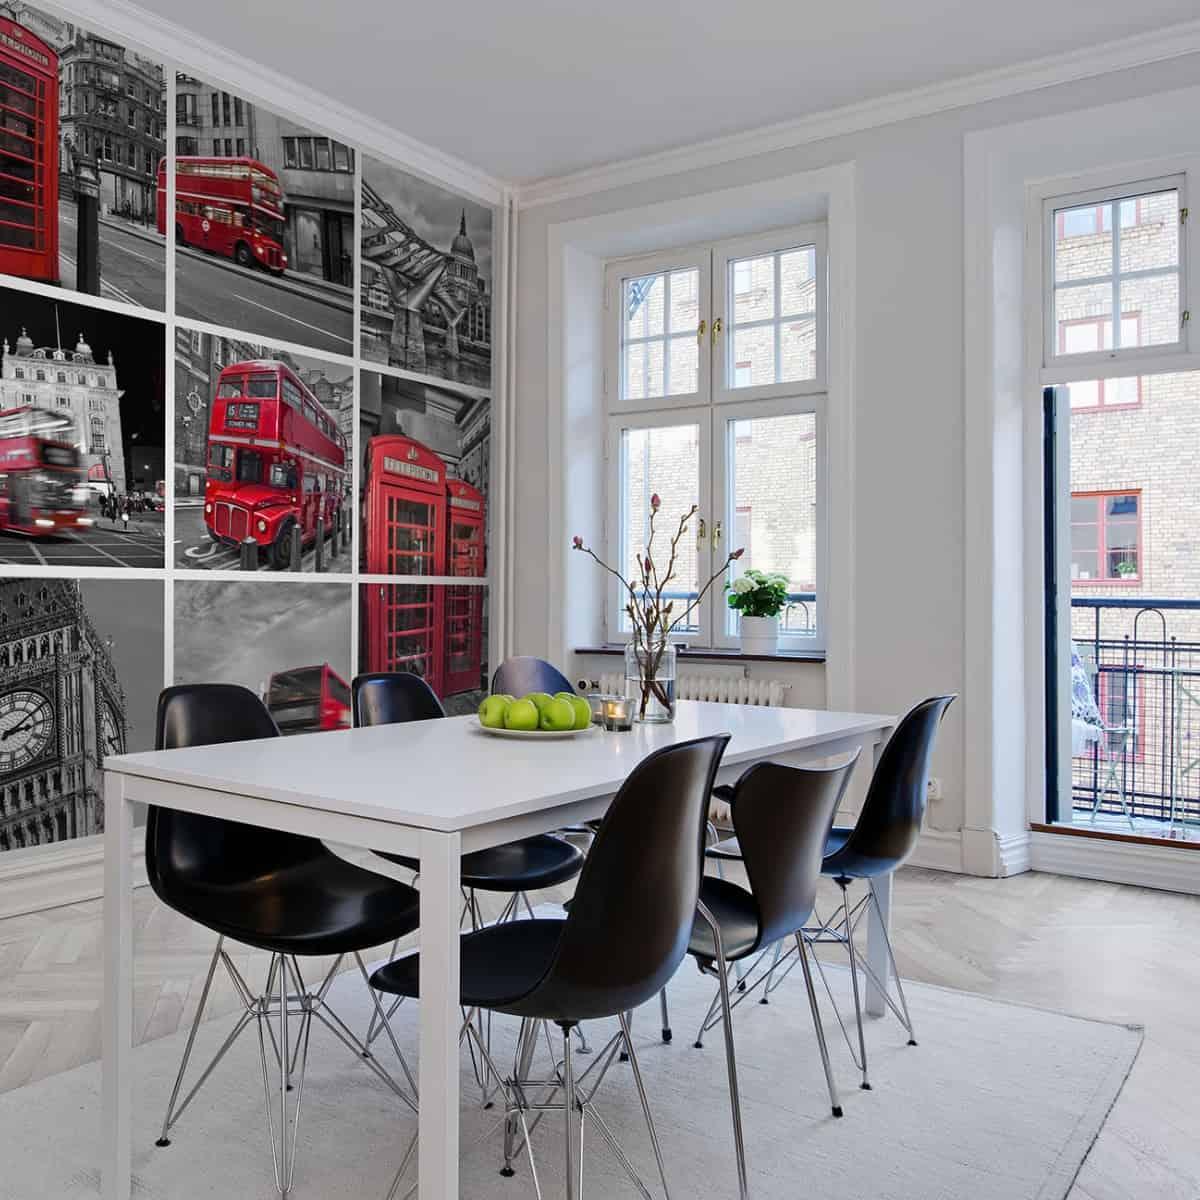 fototapet cu Londra, in tonuri de gri si rosu aplicat peste vopseaua lavabila intr-un spatiu de luat masa in stil modern, cu o masa alba cu sase scaune negre, podea alba si ferestre mari